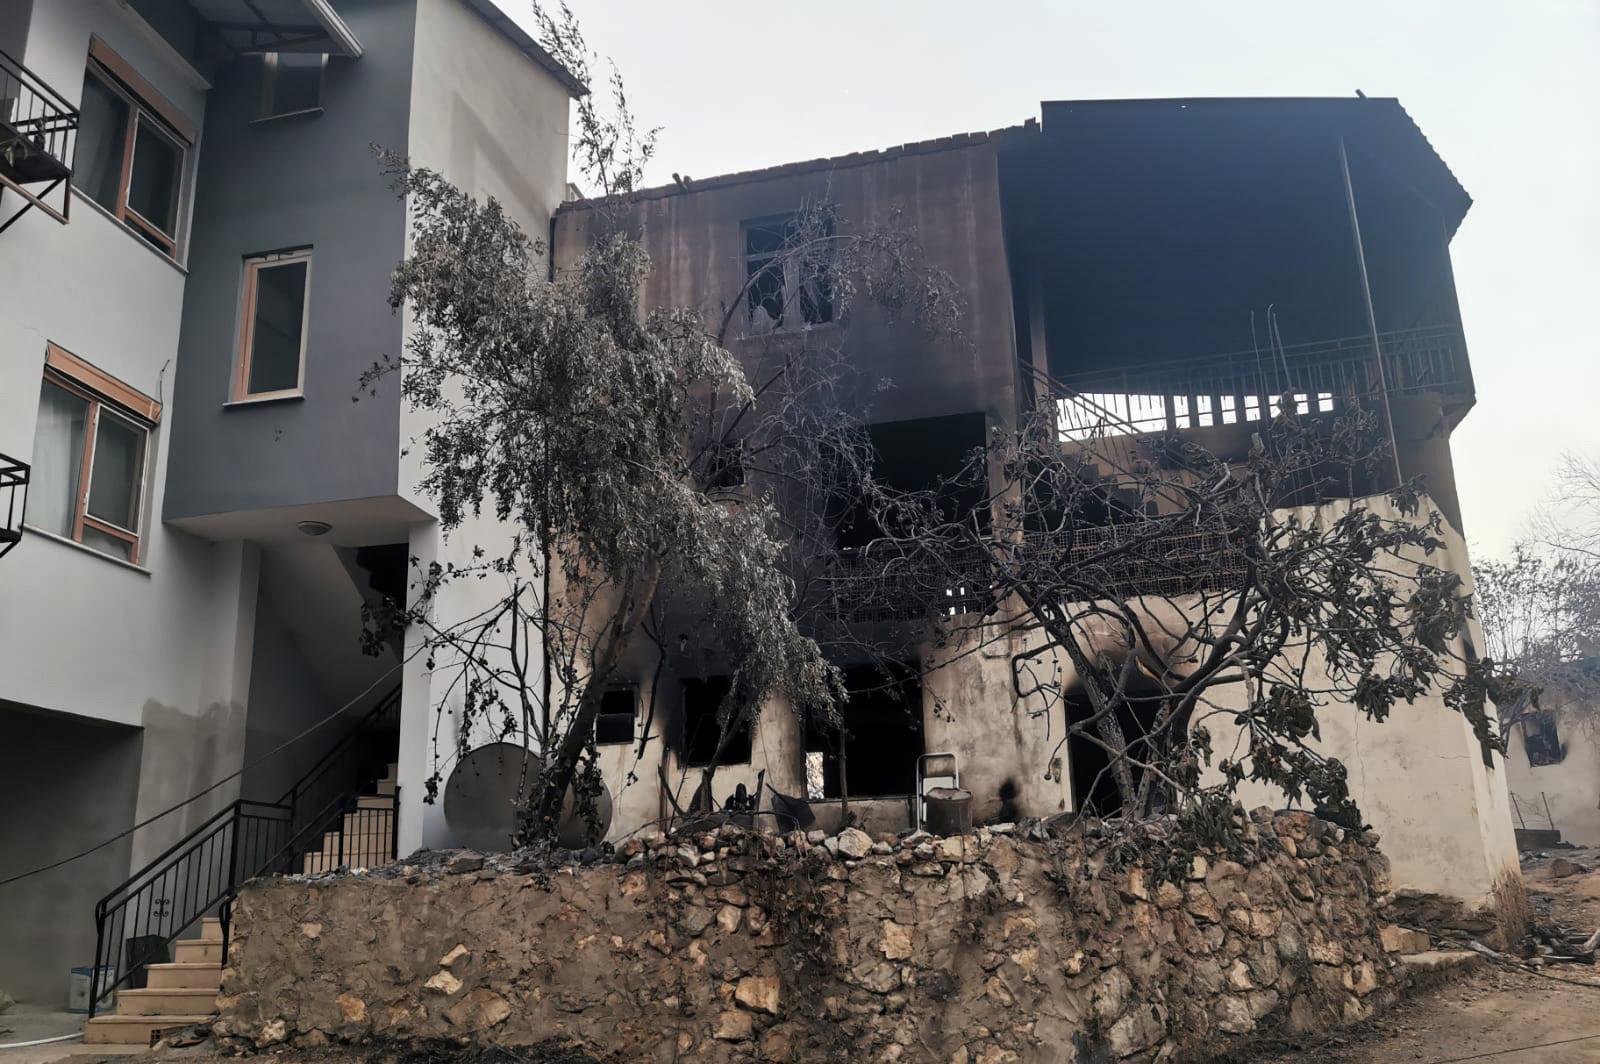 Flera hundra hus har förstörts i bränderna, vittnar Alanyabon Johanna Vallberg om.